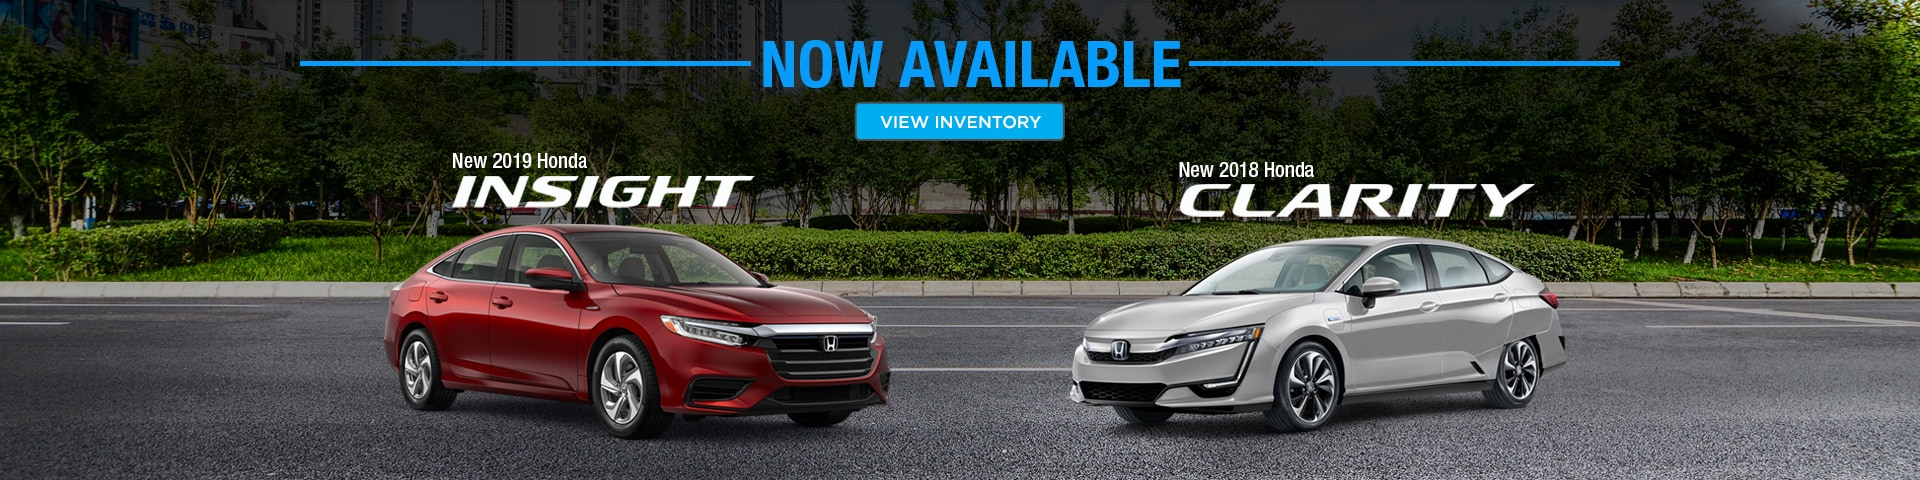 Lancaster Ohio New Car Dealers